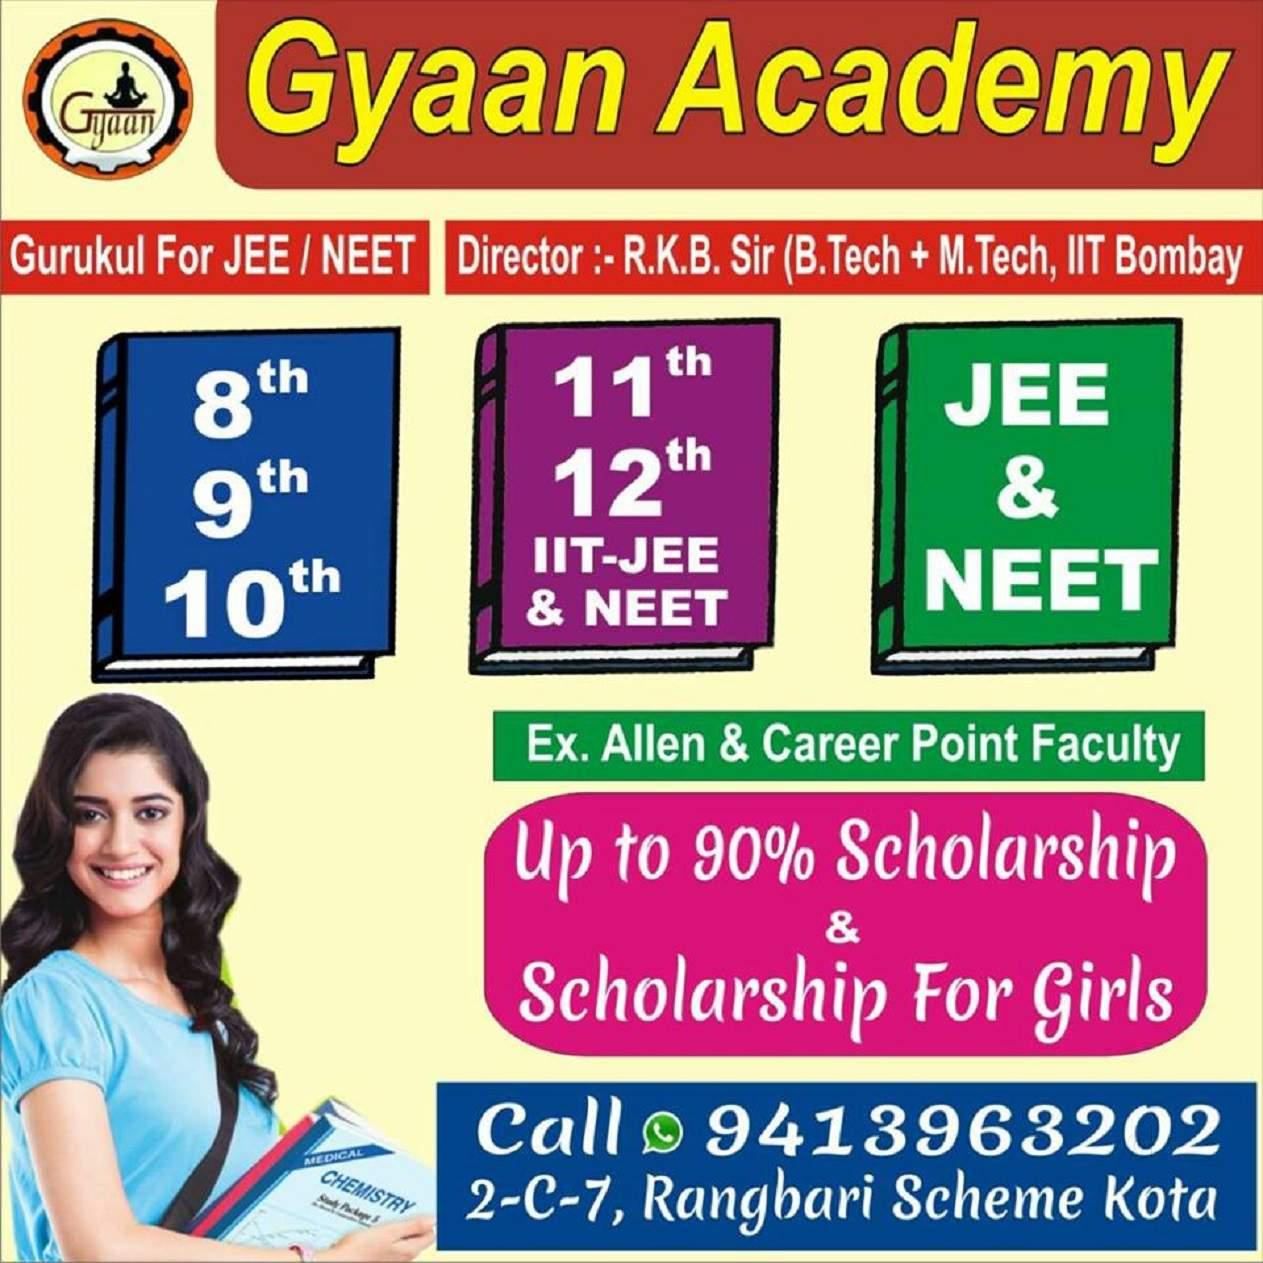 Gyaan Academy